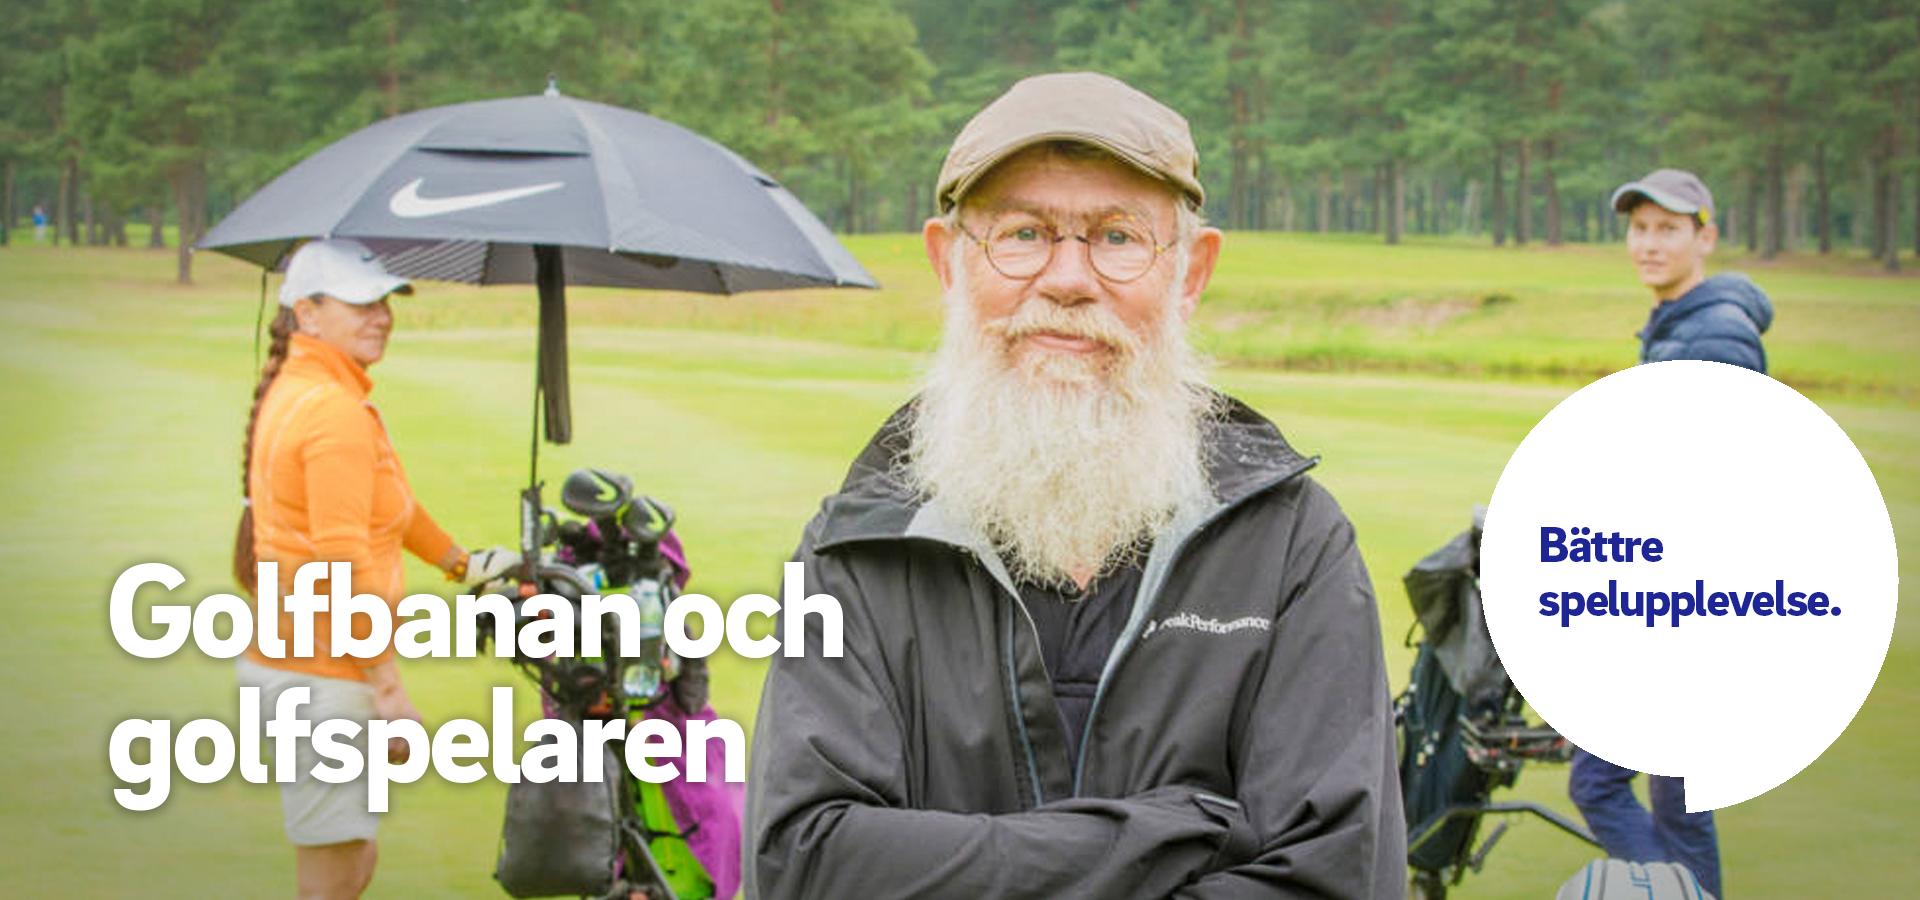 1. Golfspelaren och golfbanan.